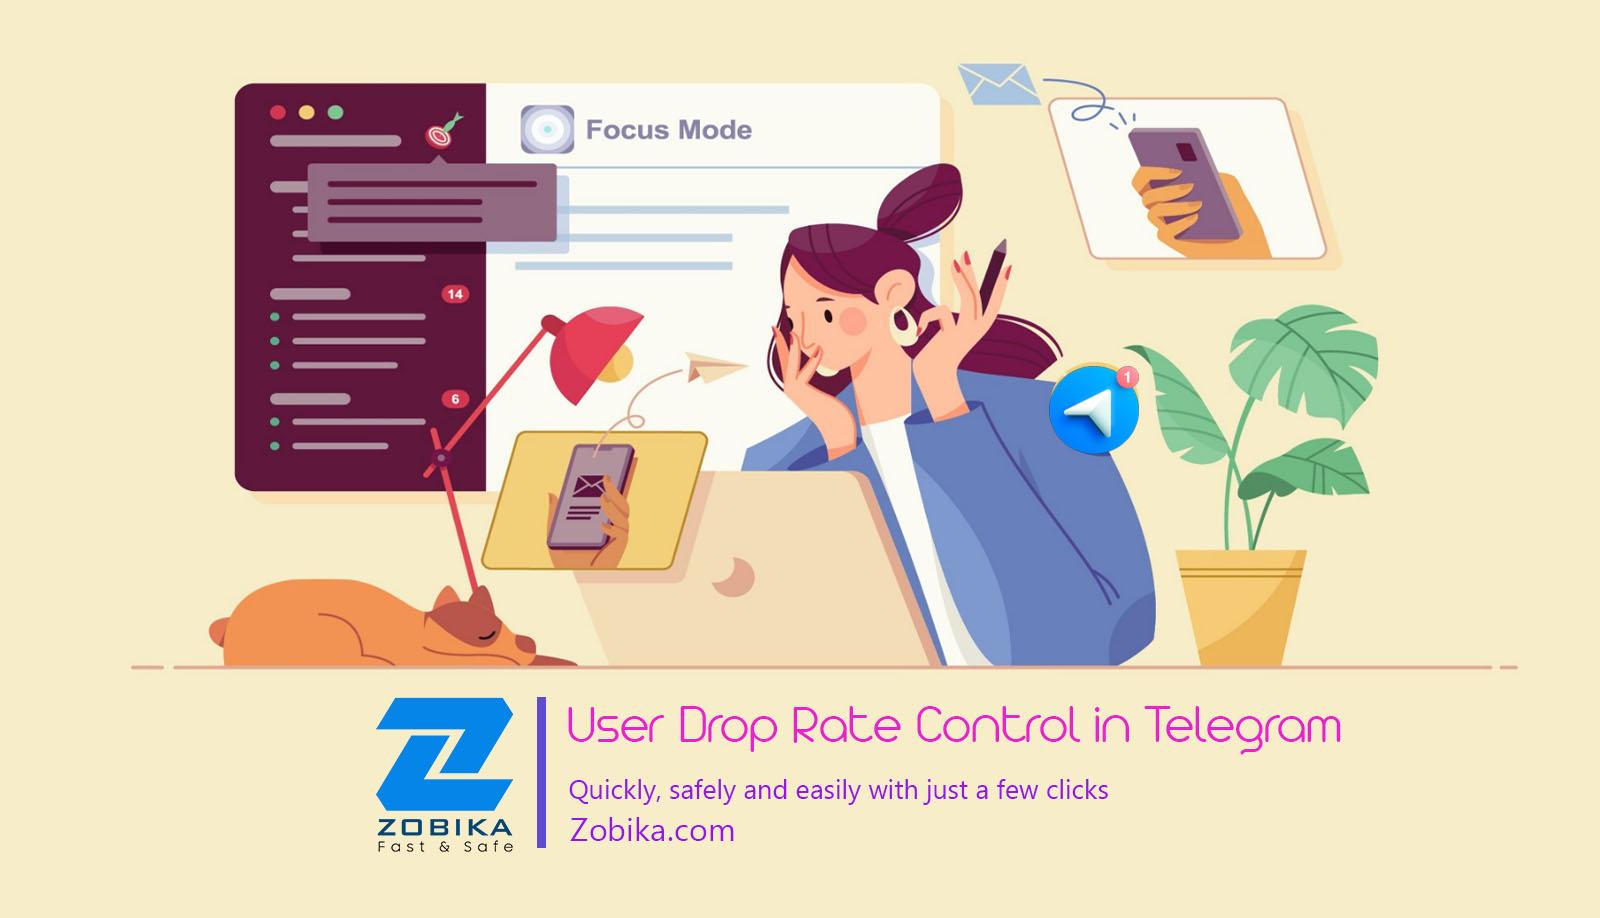 user drop rate control in telegram